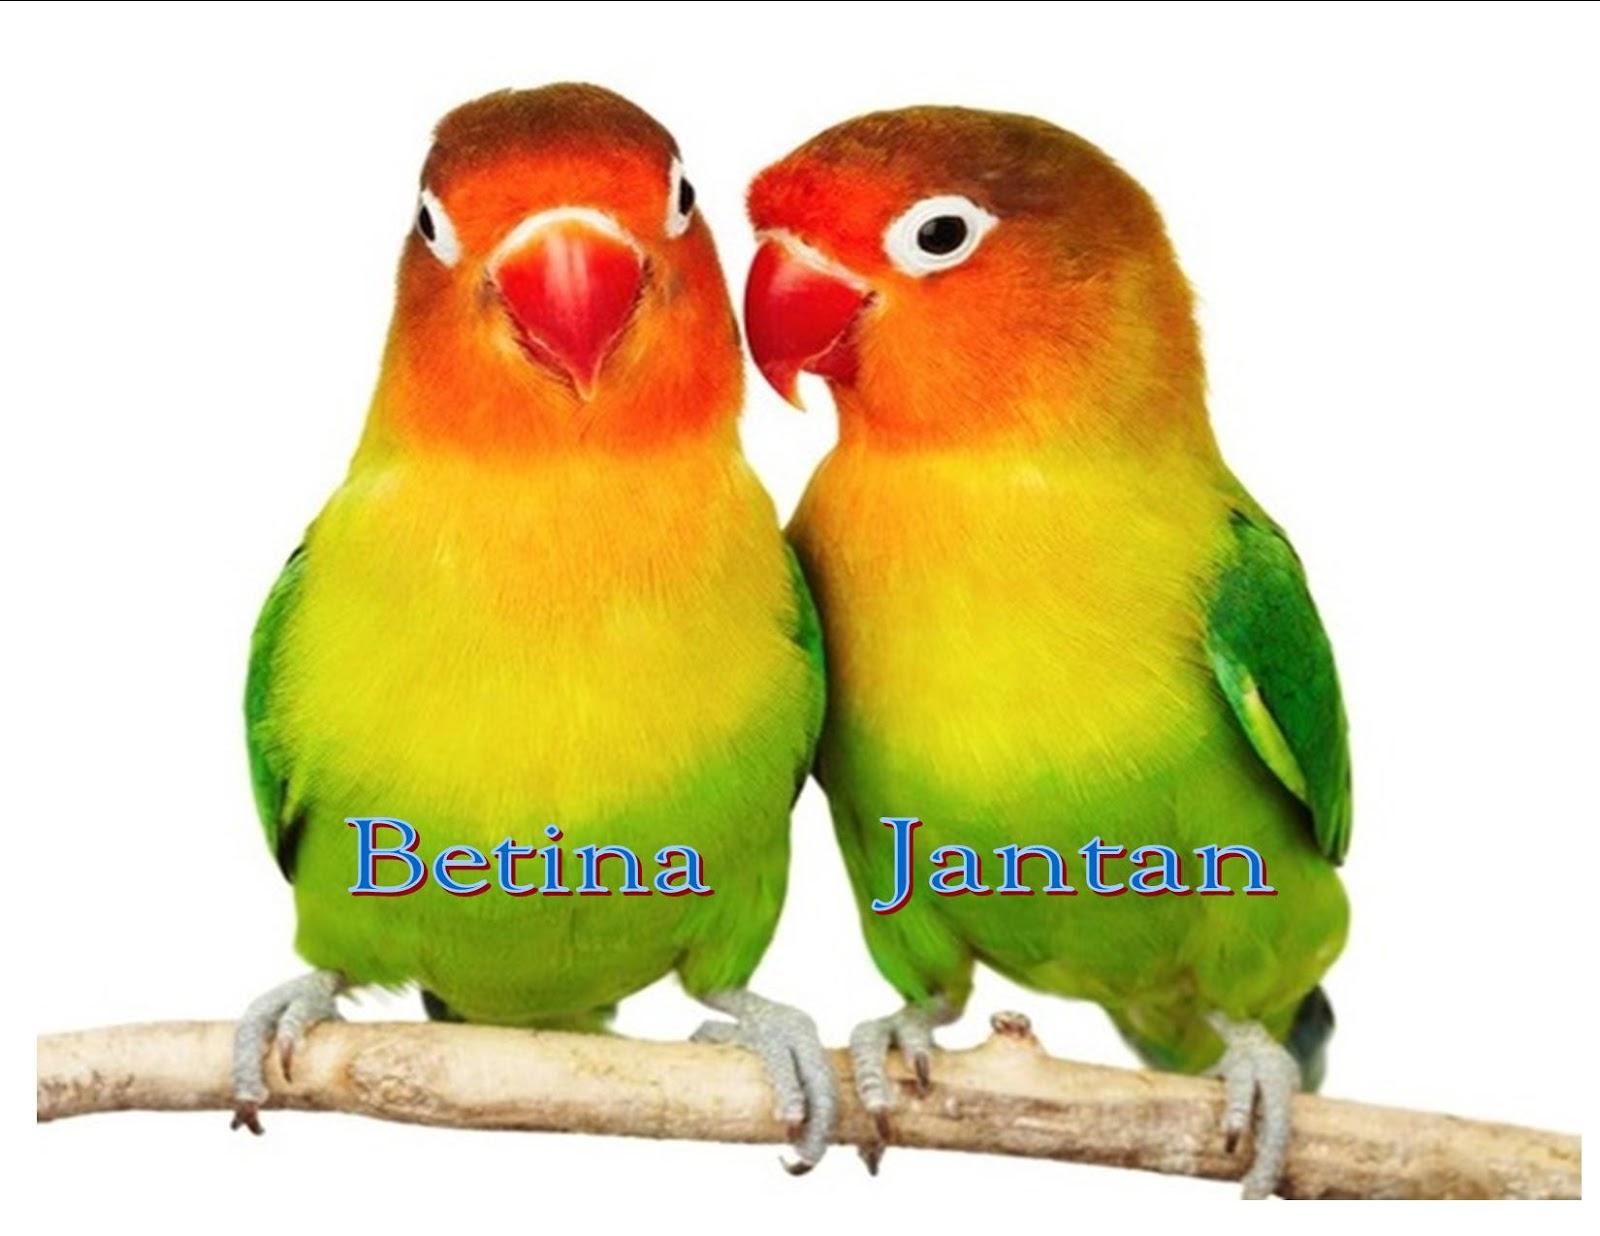 cara akurat membedakan love bird jantan dan betina